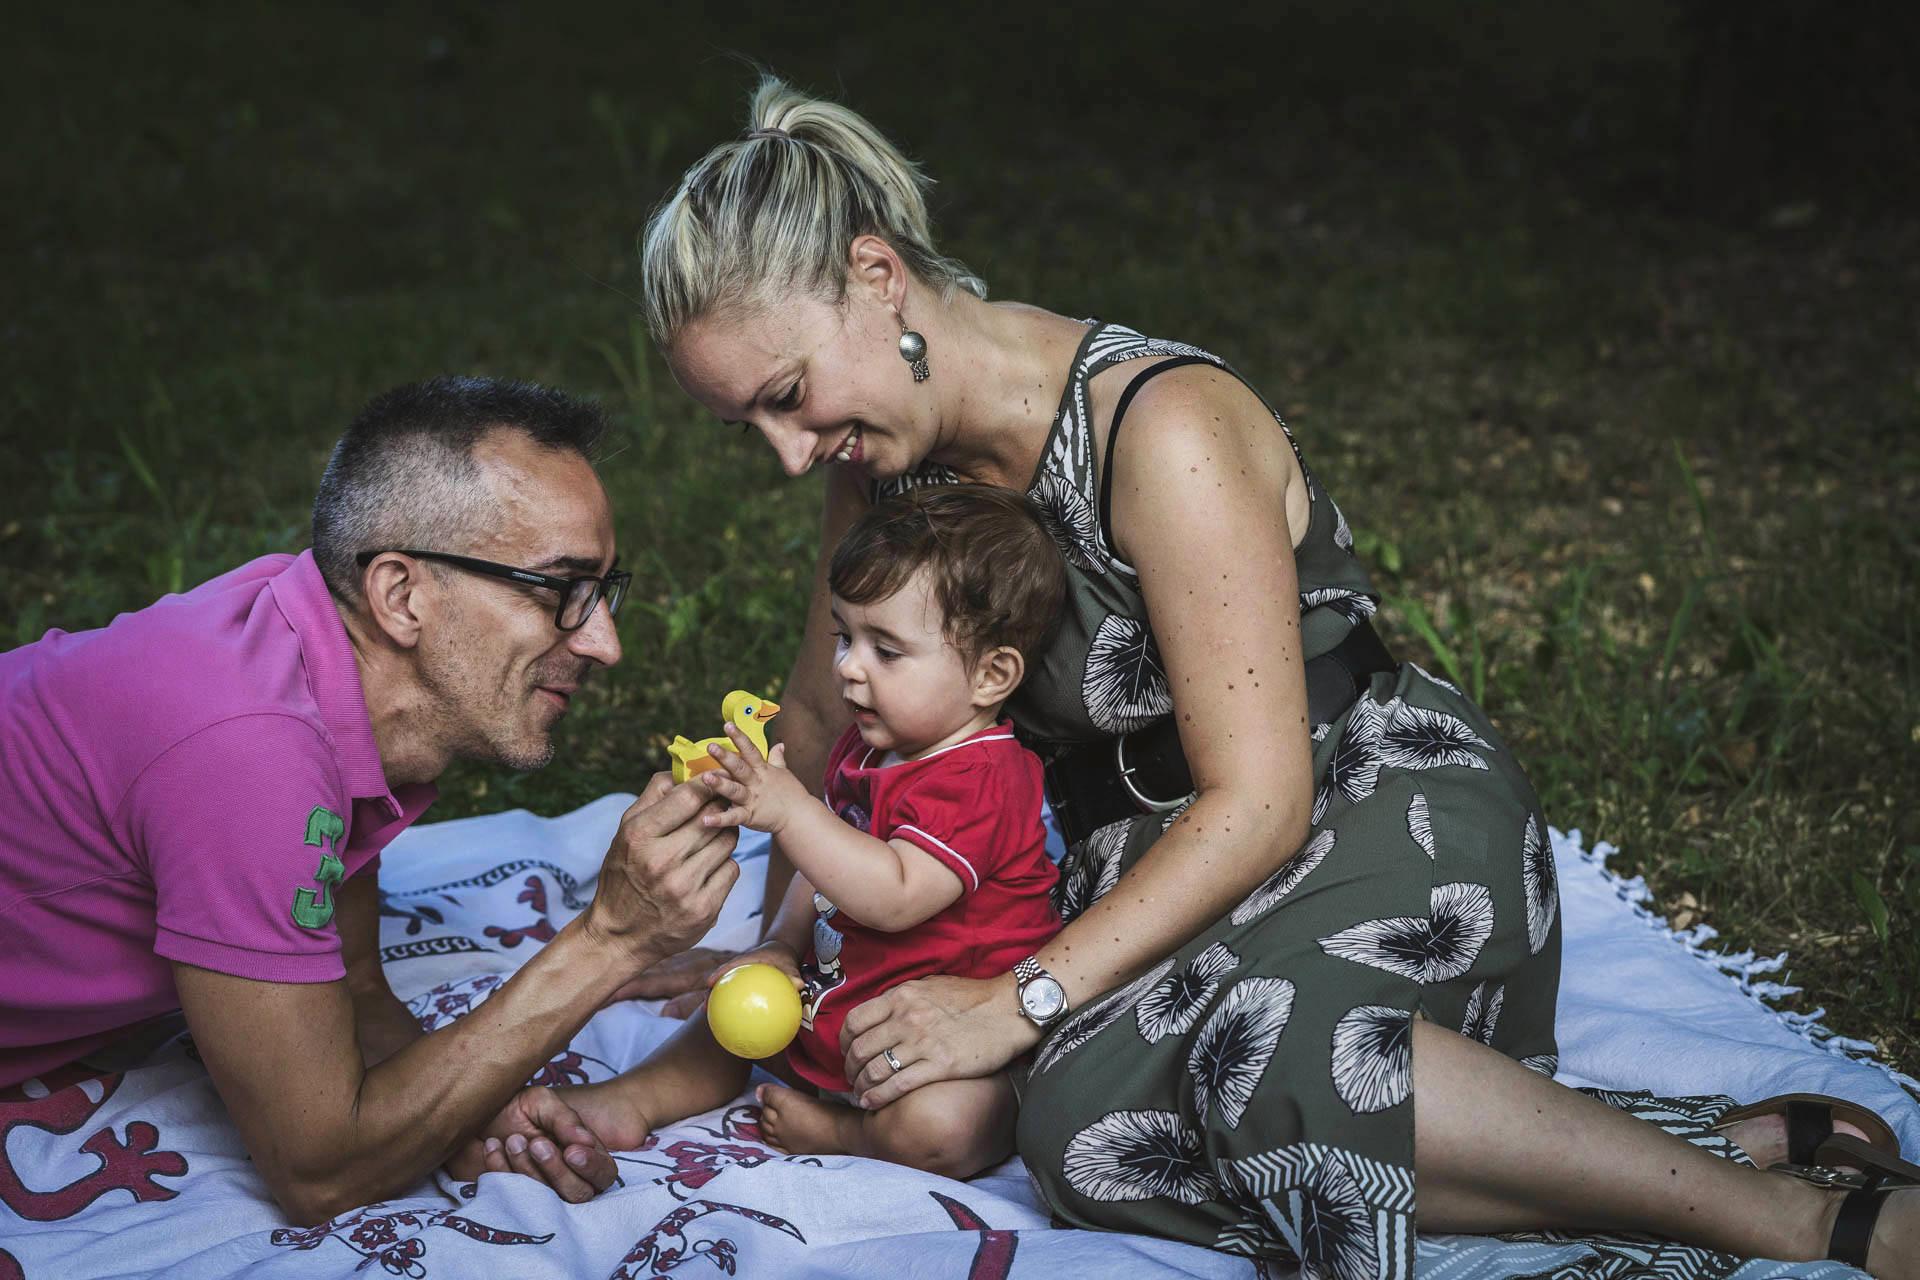 Servizio Fotografico Bambini e Famiglia a Venezia, Veneto. Ecco la piccola Greta. Michelino Studio, fotografo professionista per neonati, bambini e famiglia in Veneto. 003